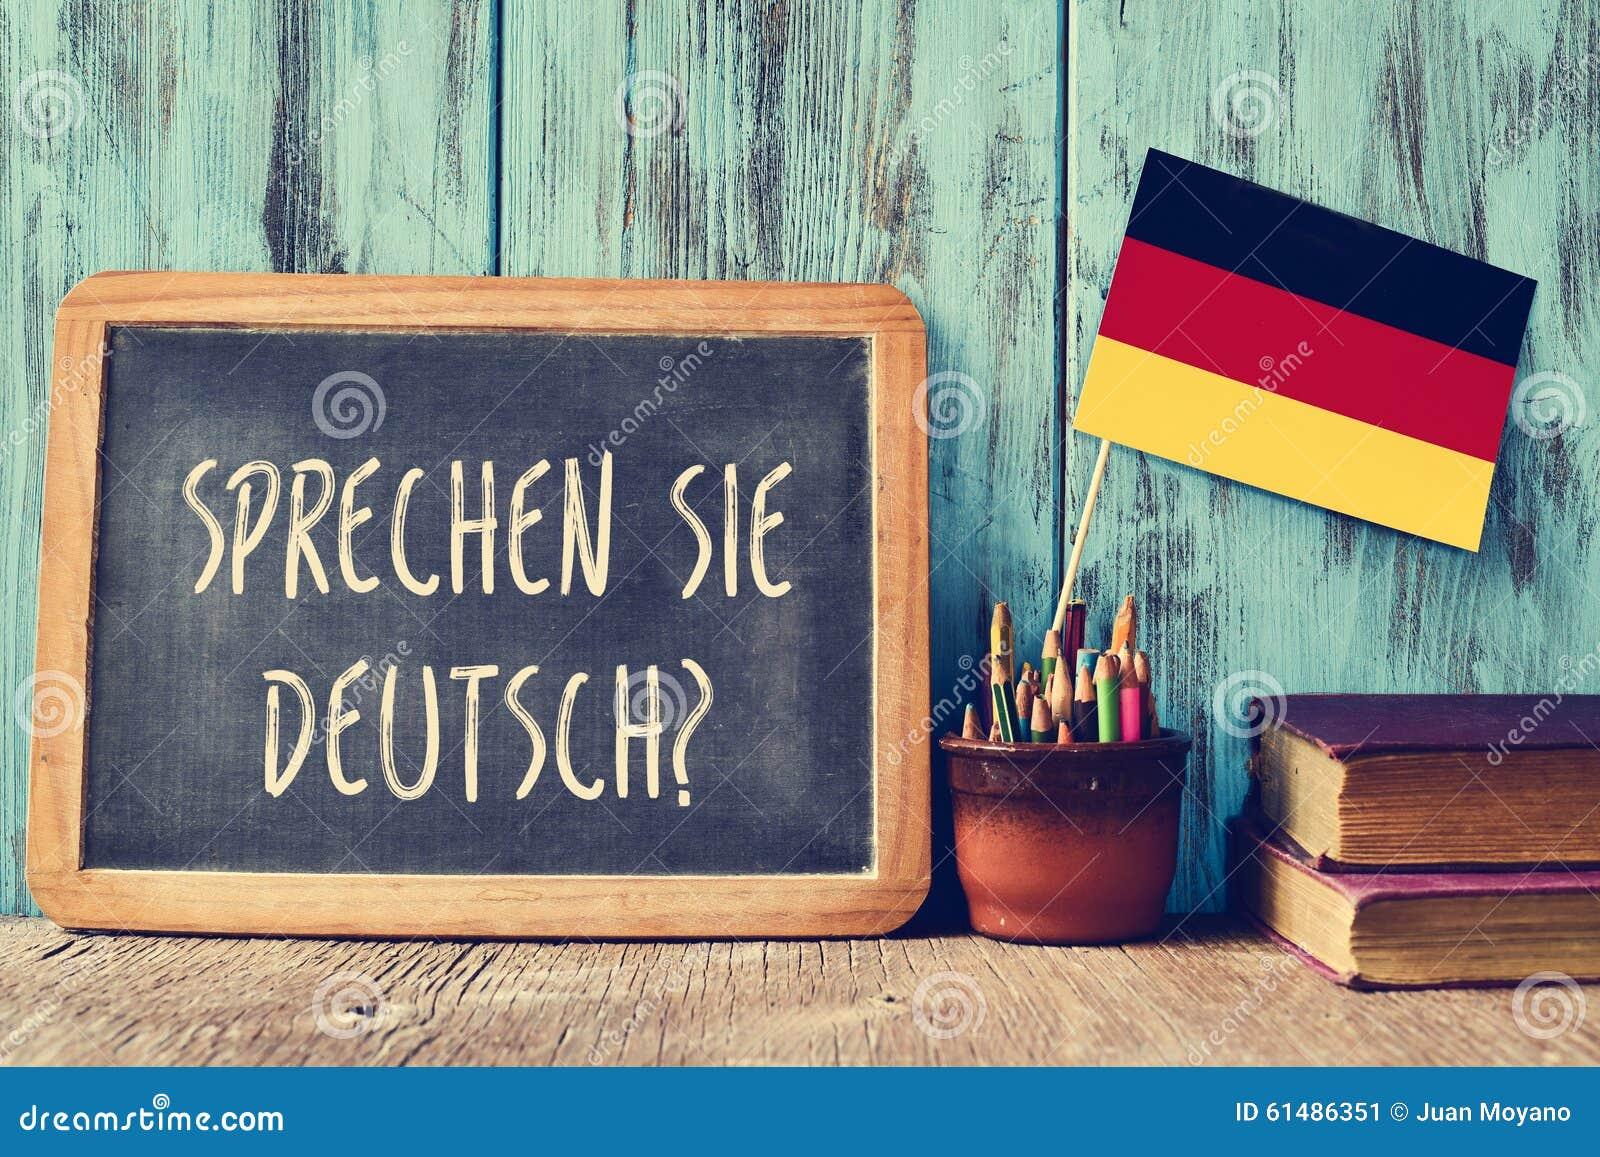 问题sprechen sie德意志?您是否讲德语?